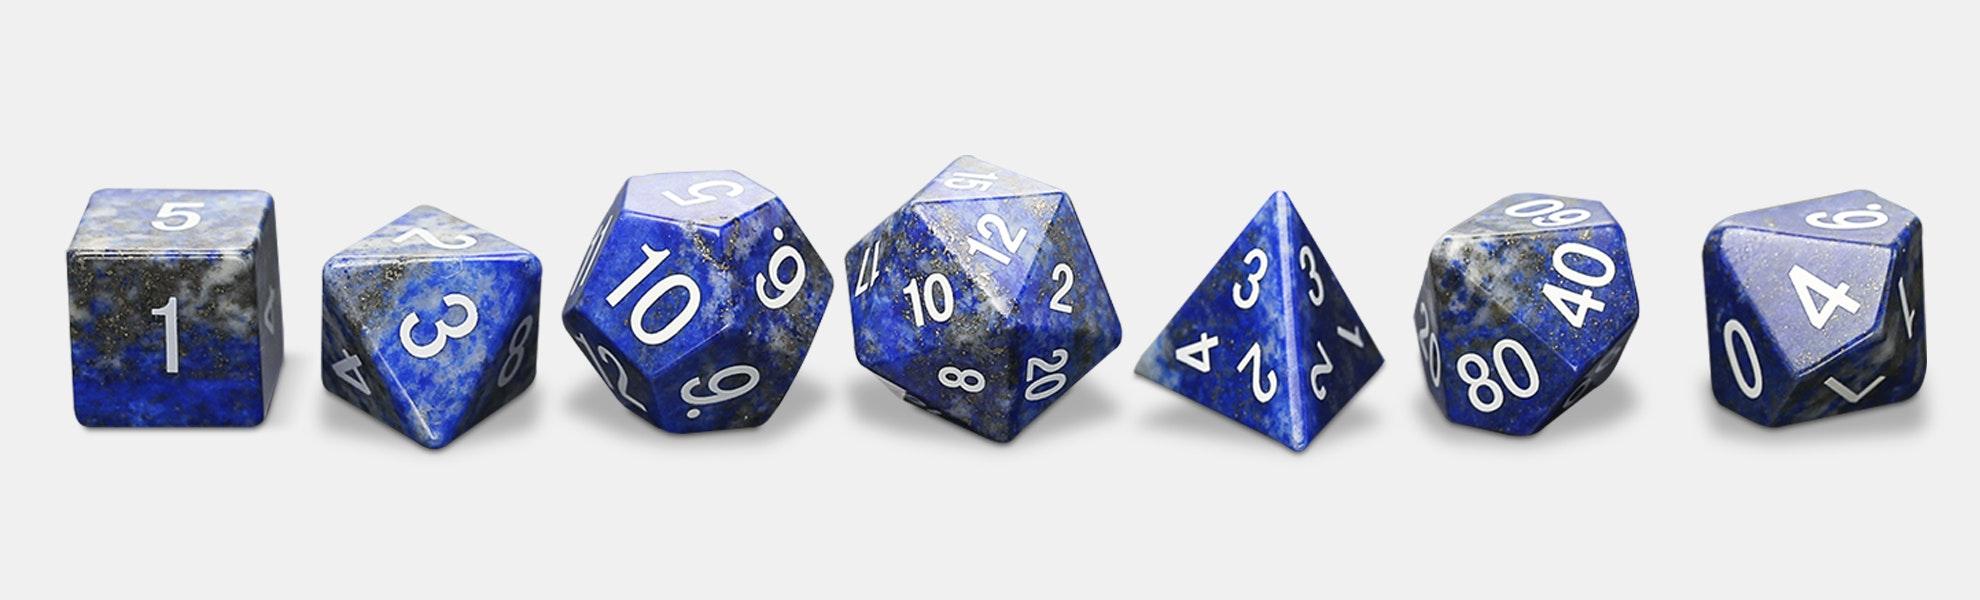 MDG Lapis Lazuli Gemstone Polyhedral Dice Set